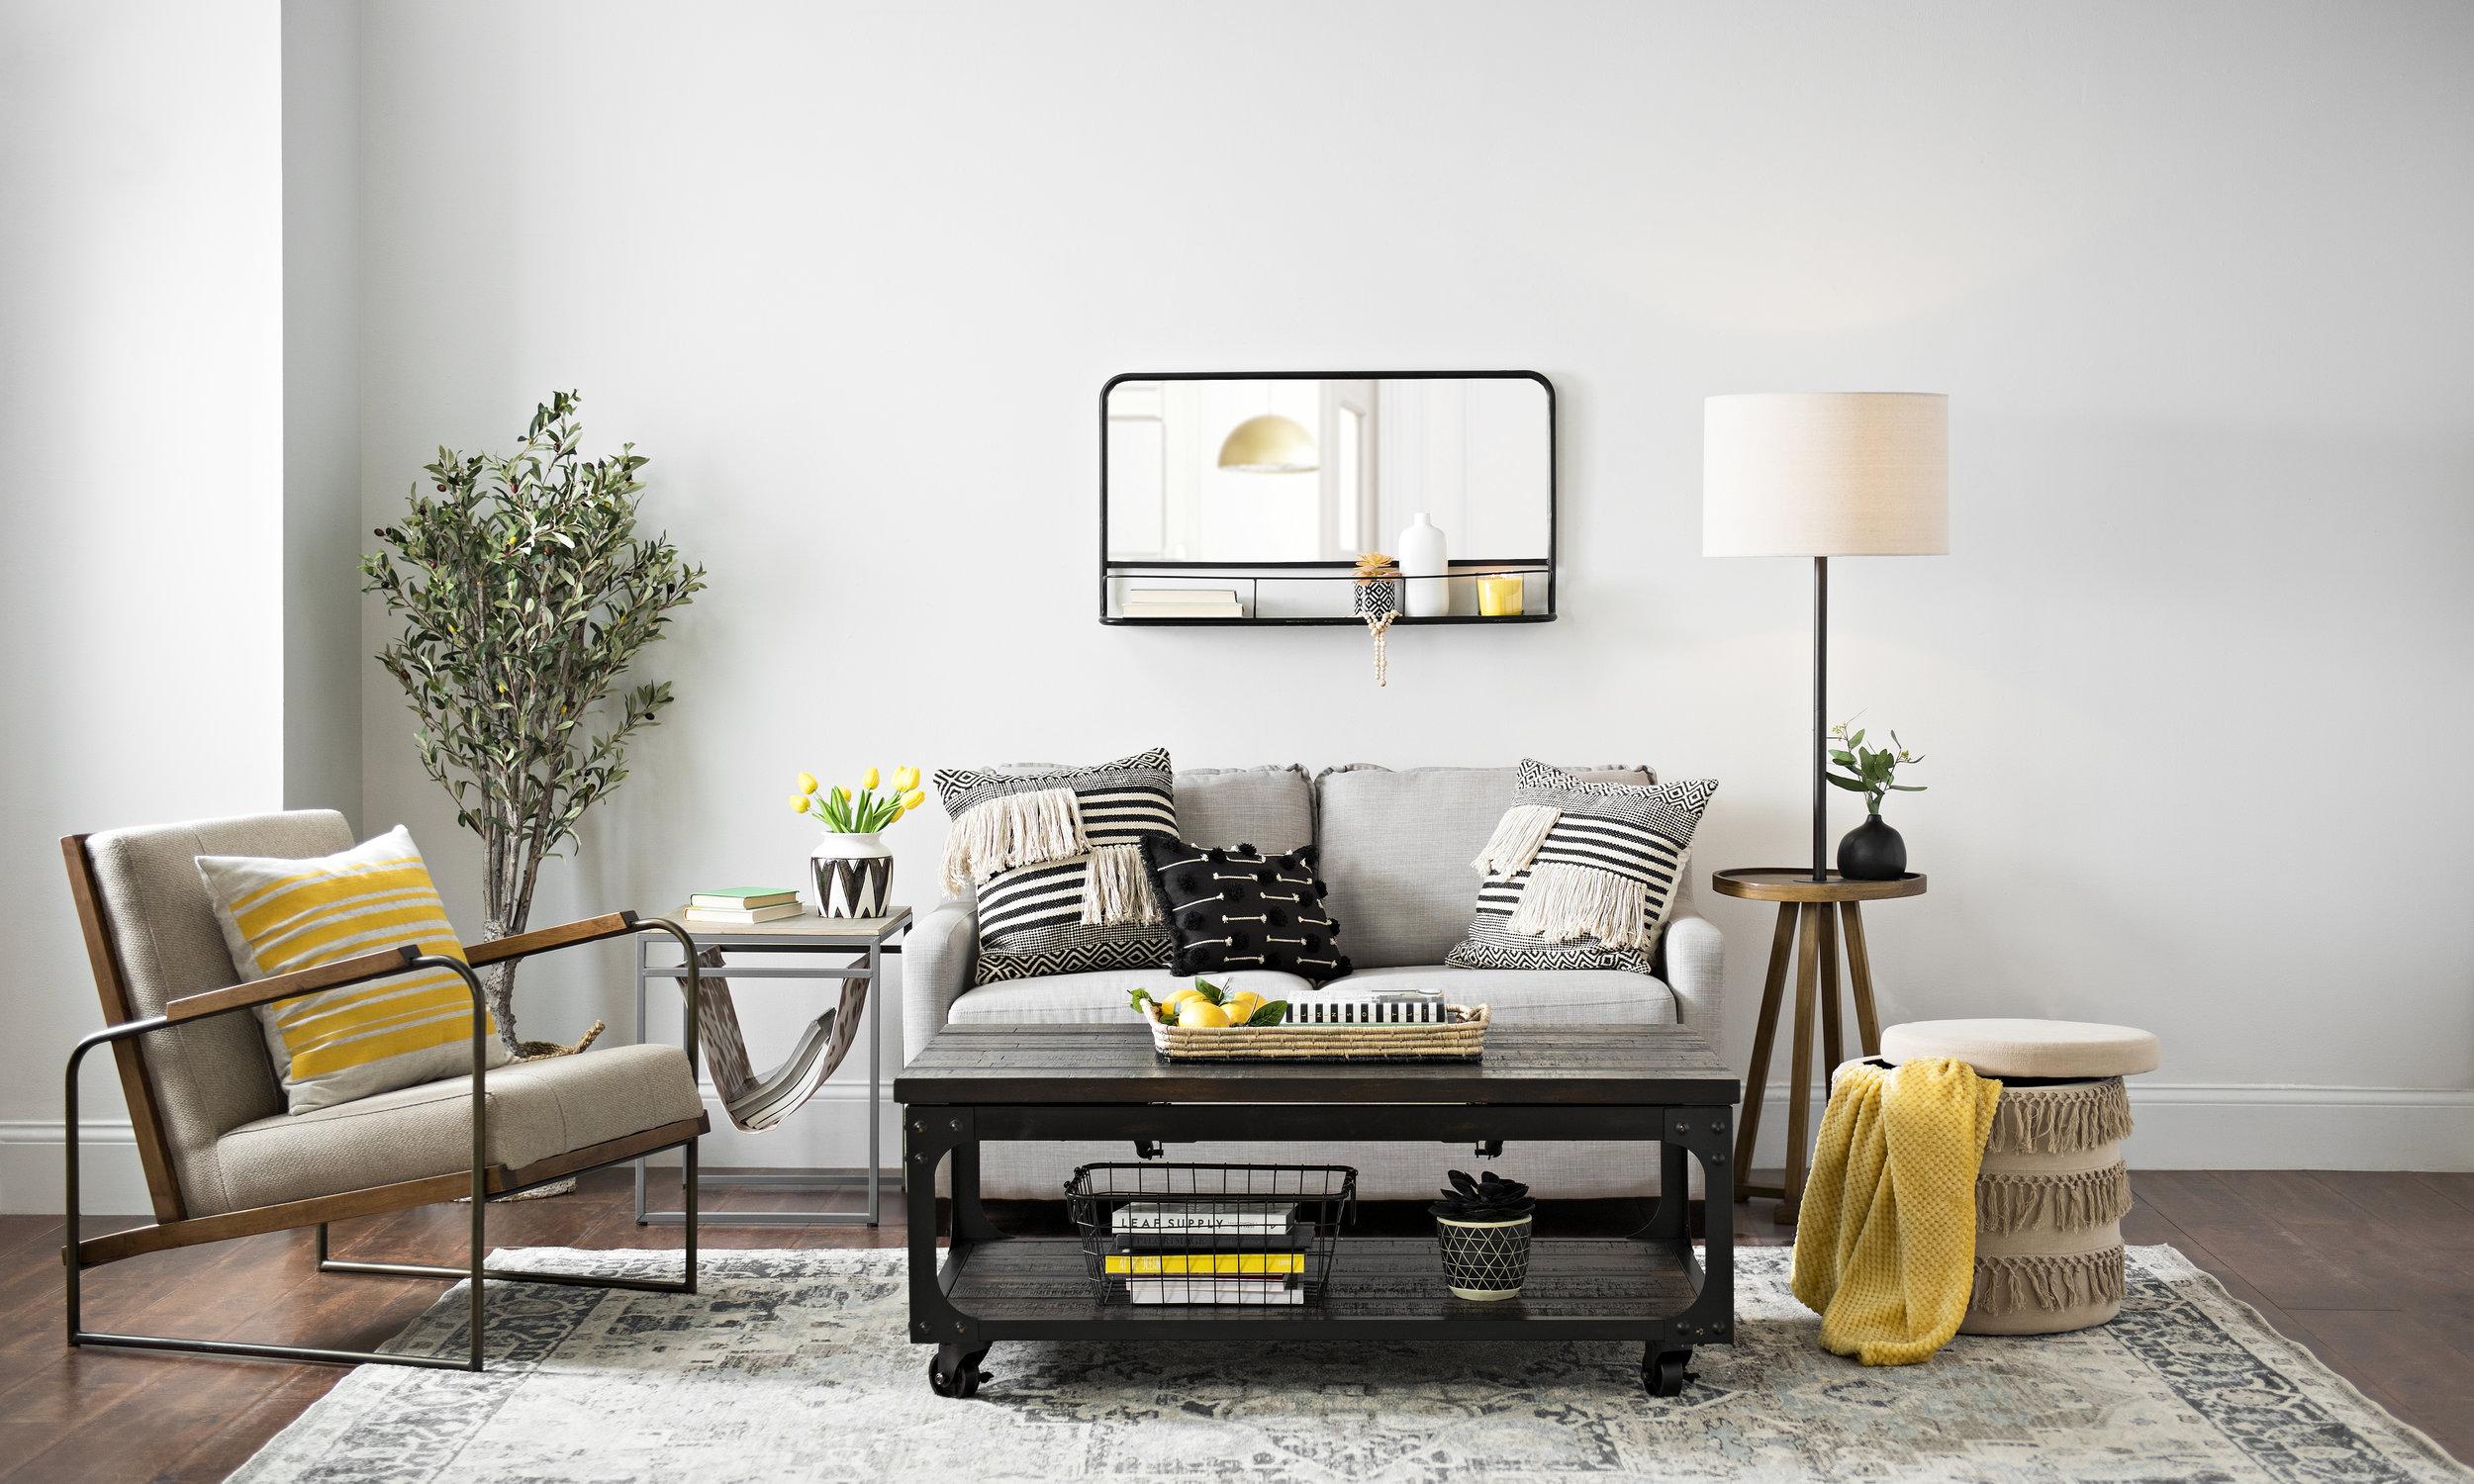 Kirkland's - Living Room Organization